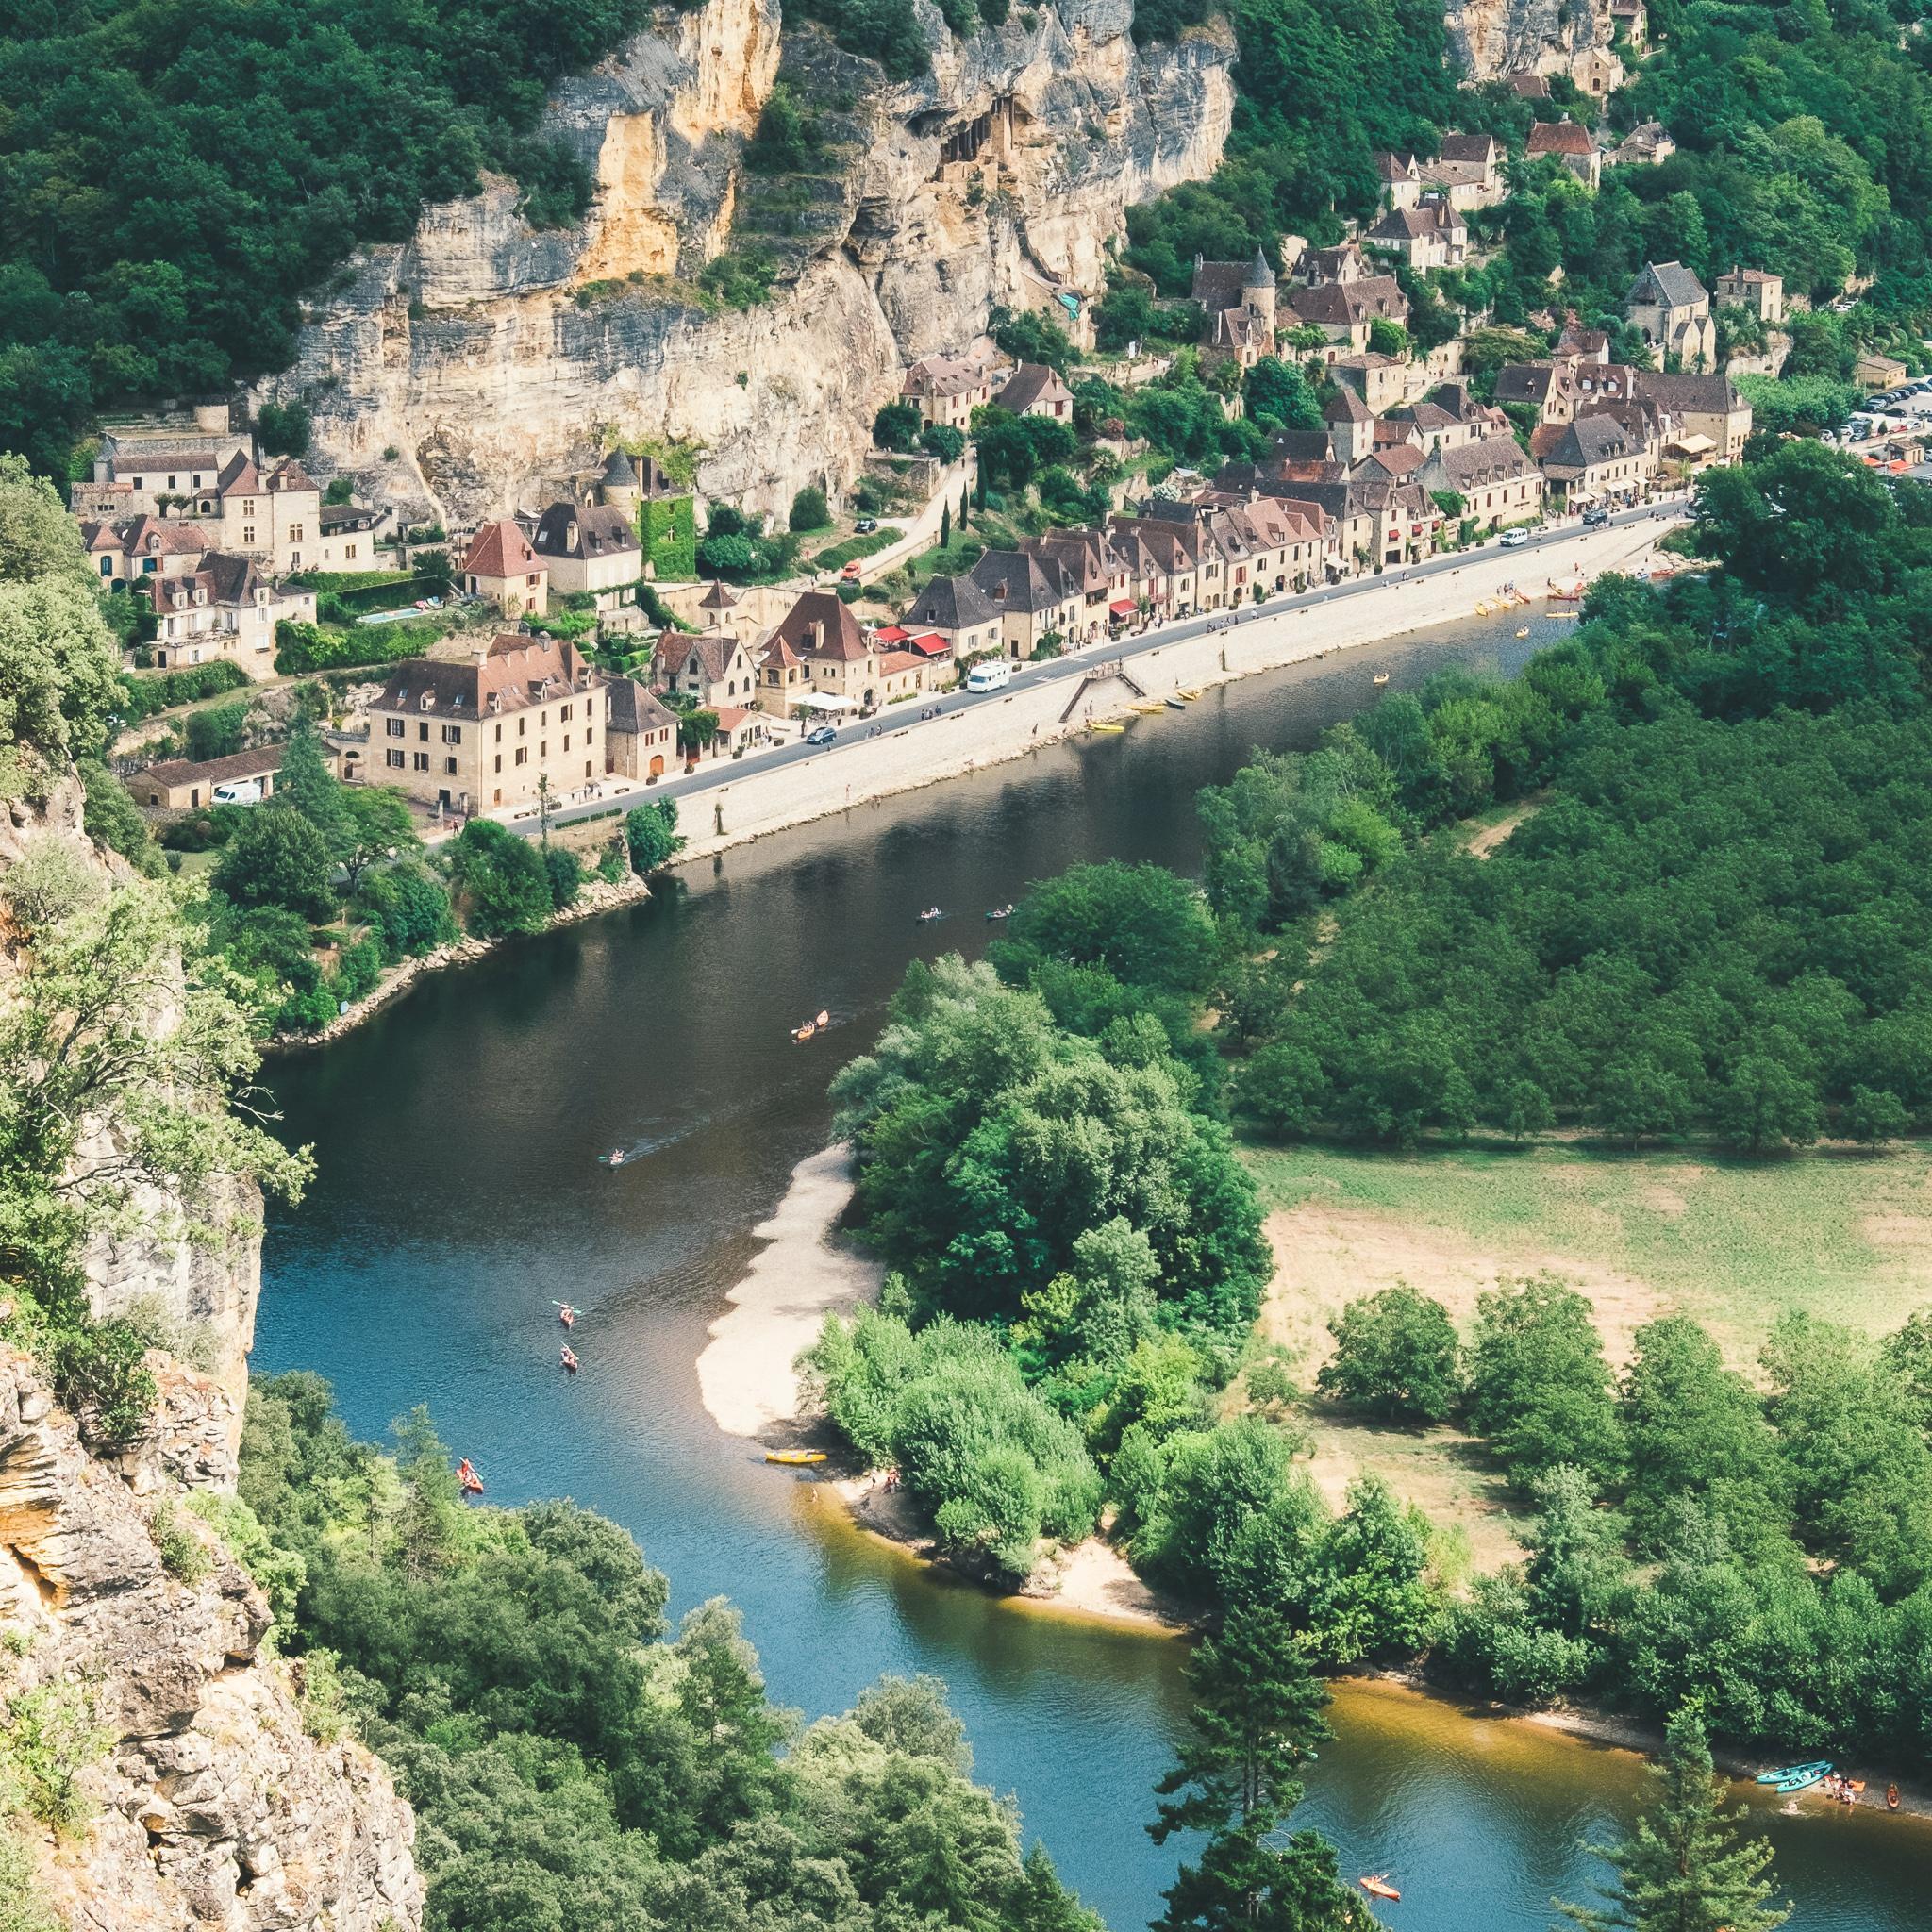 dordogne riviere nouvelle aquitaine